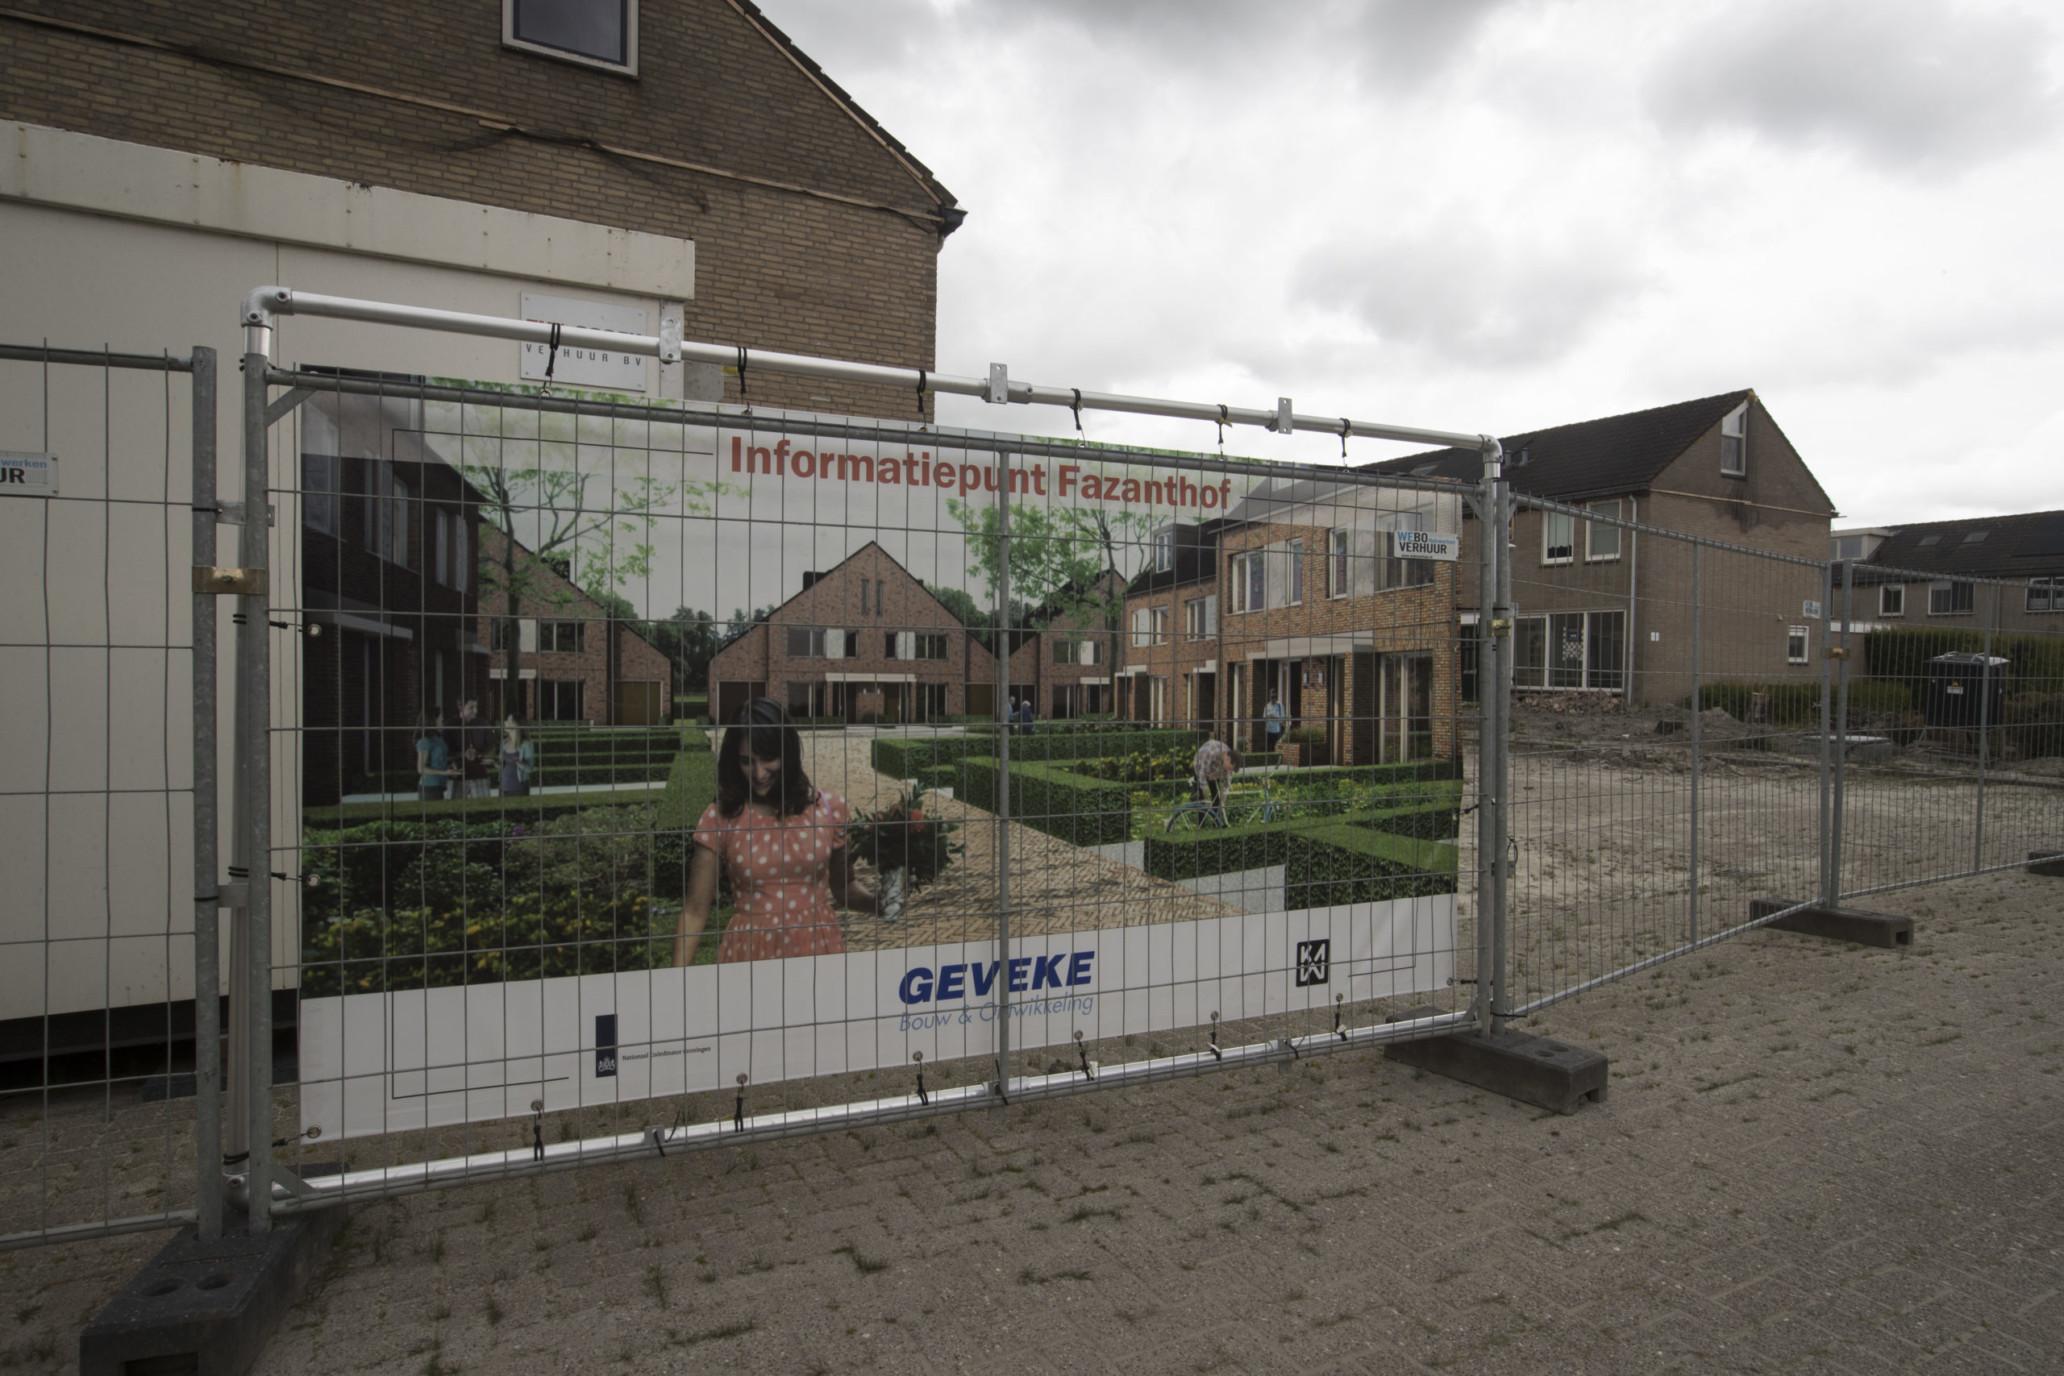 Zuidhorn Impressie op bouwbord, woningbouw